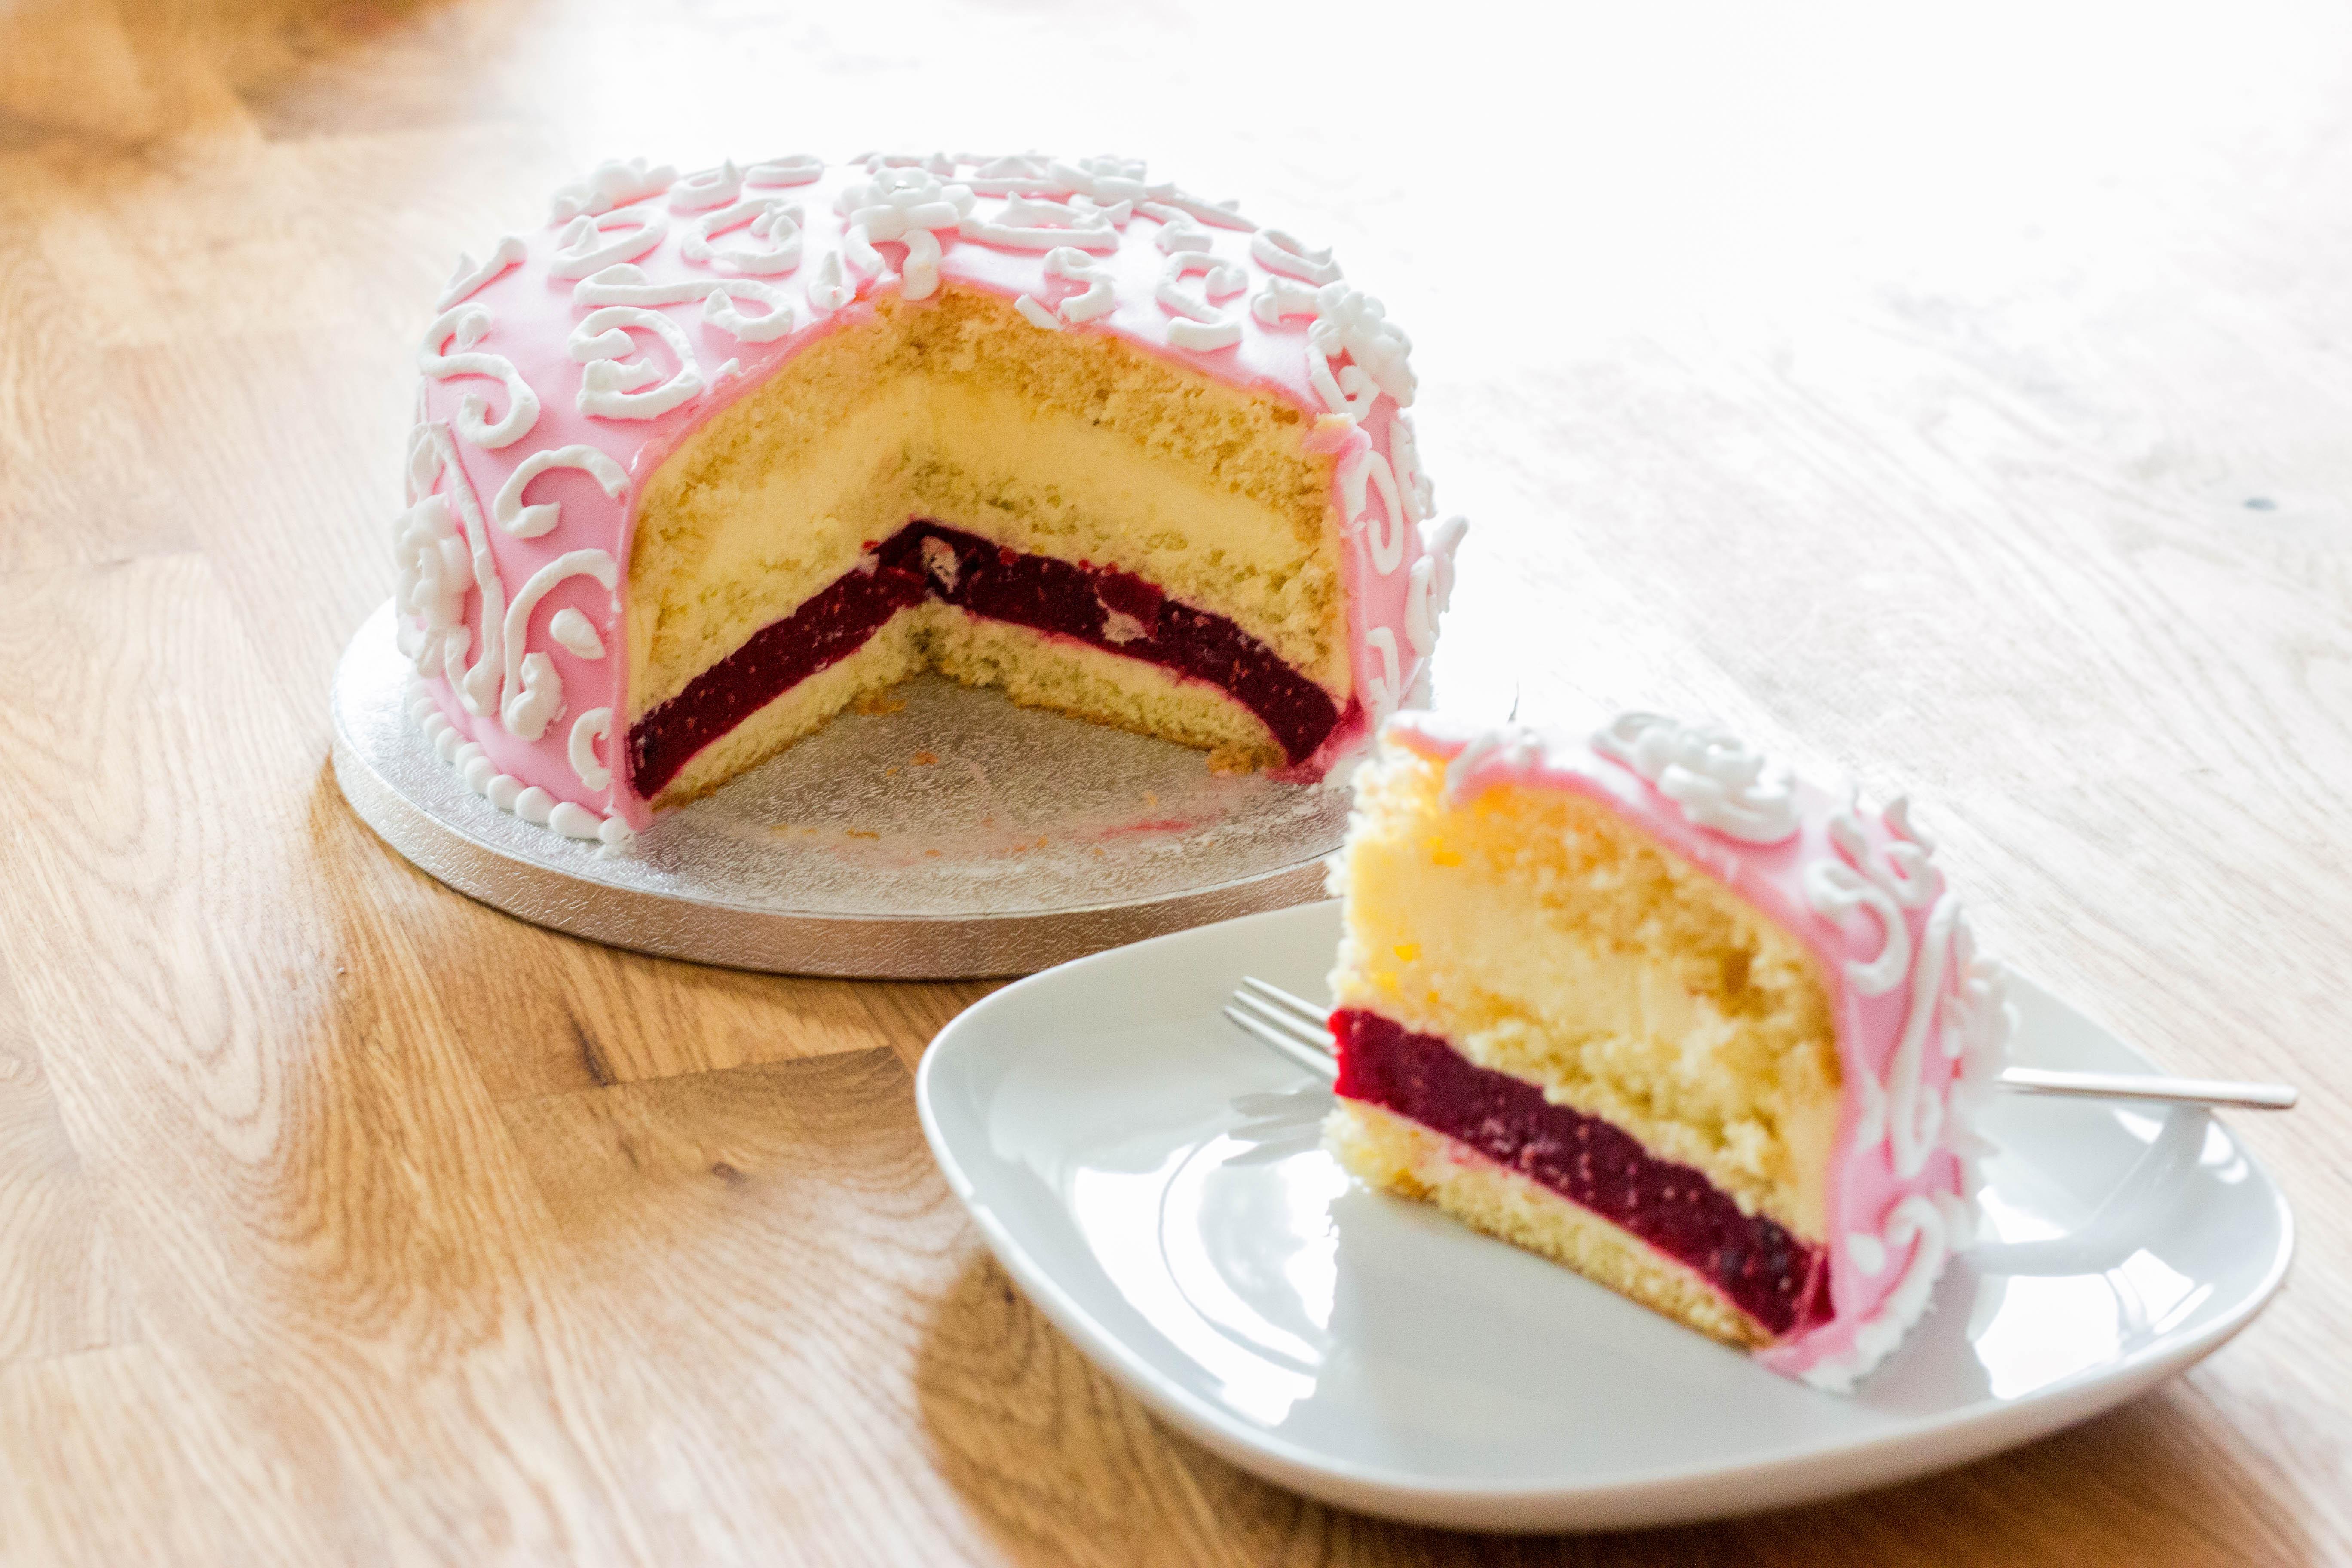 Pfirsich-Maracuja-Blümchen-Torte